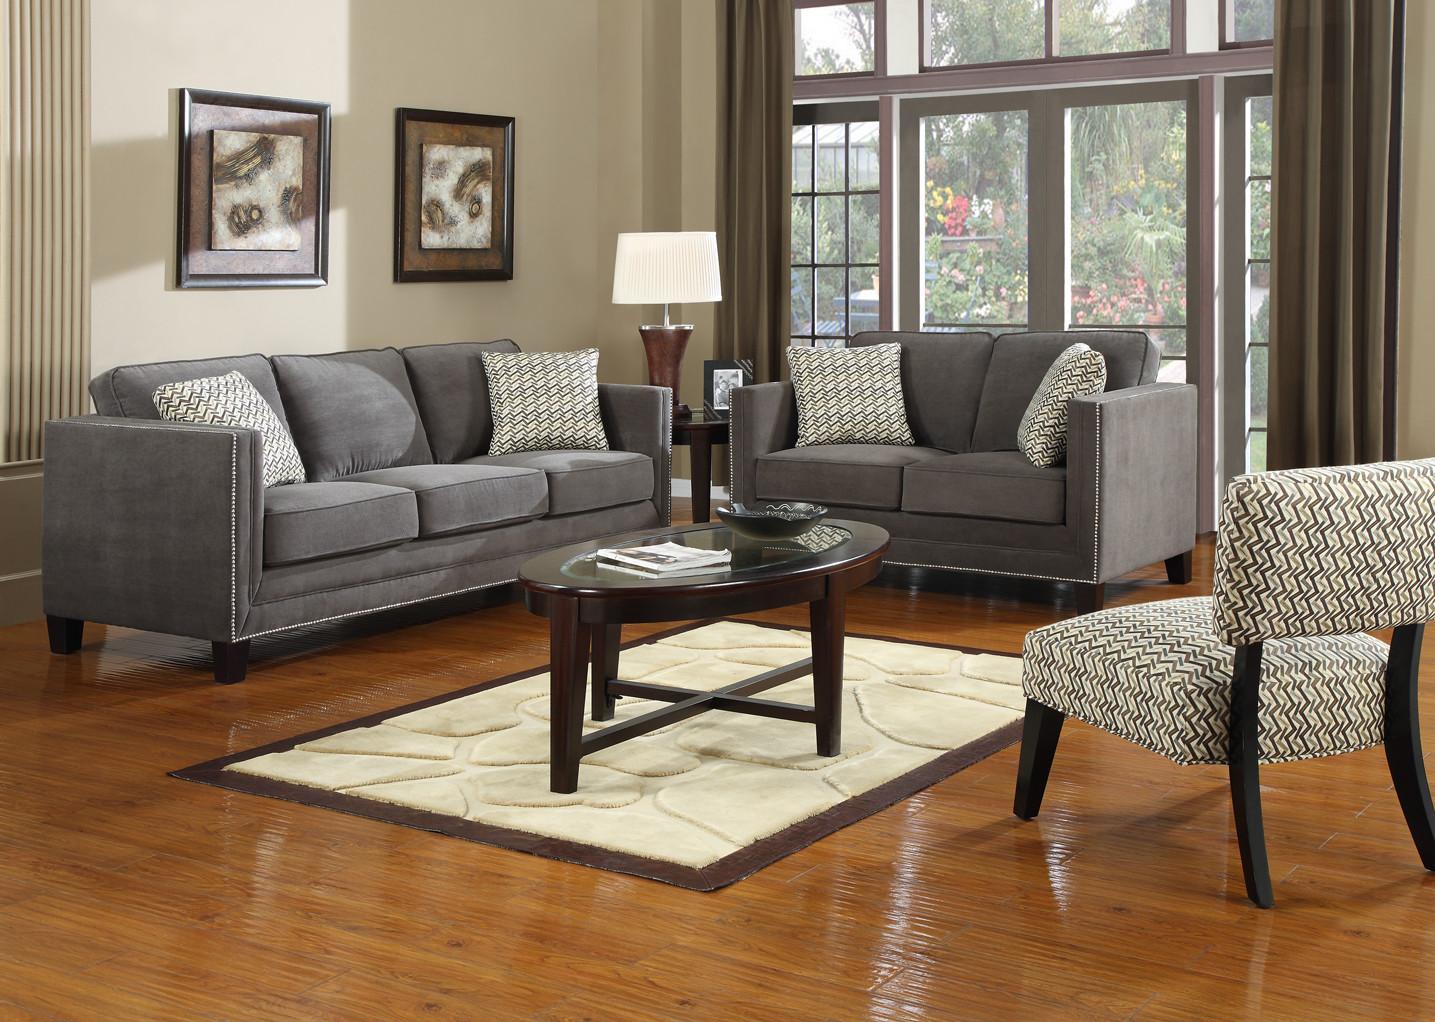 Beautiful Emerald Home Furnishings Carlton Sofa Broadway Furniture